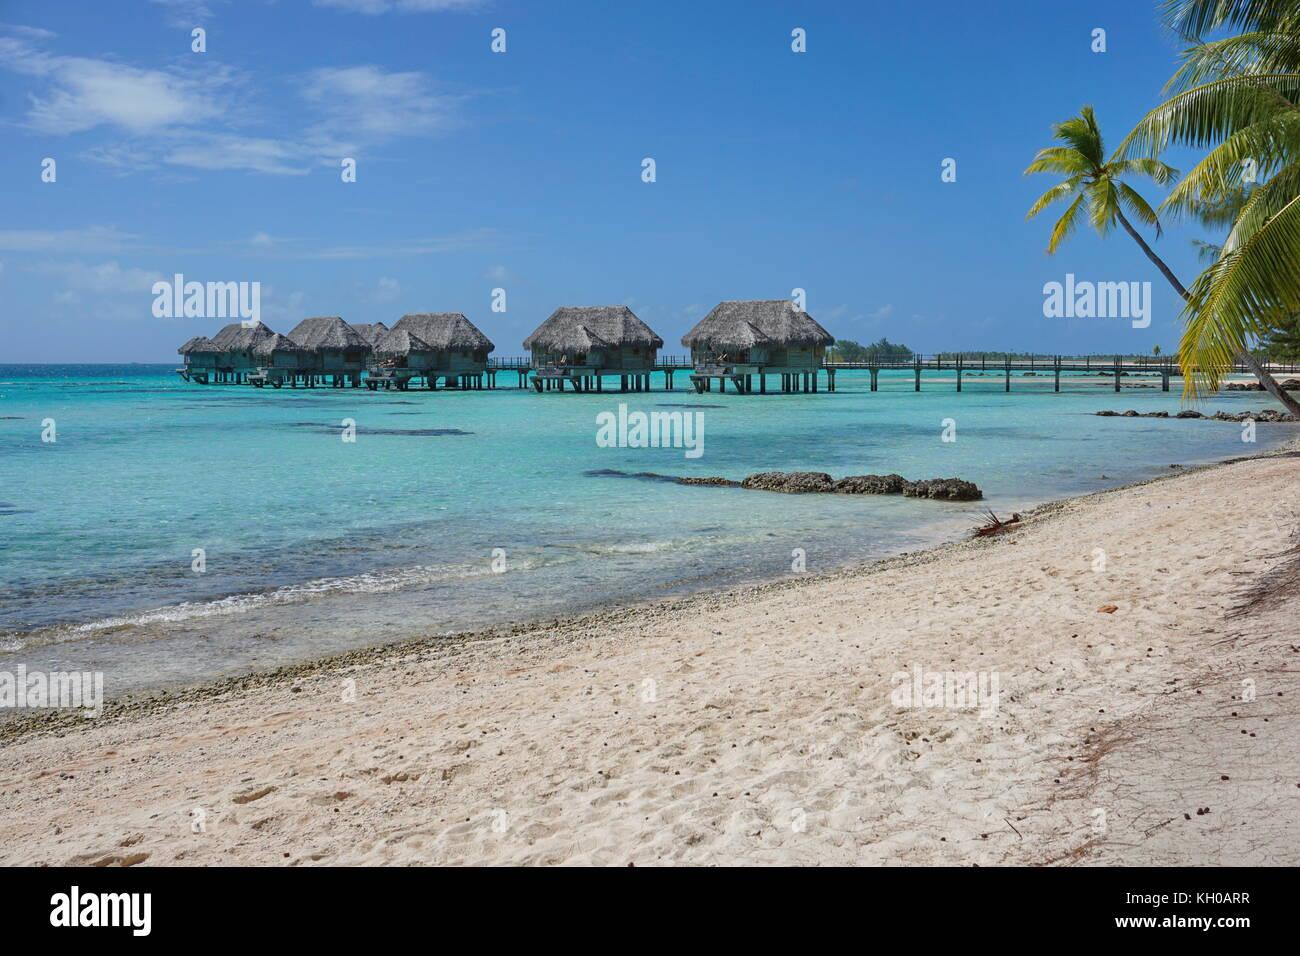 Tropical sandy beach with thatched bungalows on stilts in the lagoon, Tikehau atoll, Tuamotus, French Polynesia, - Stock Image